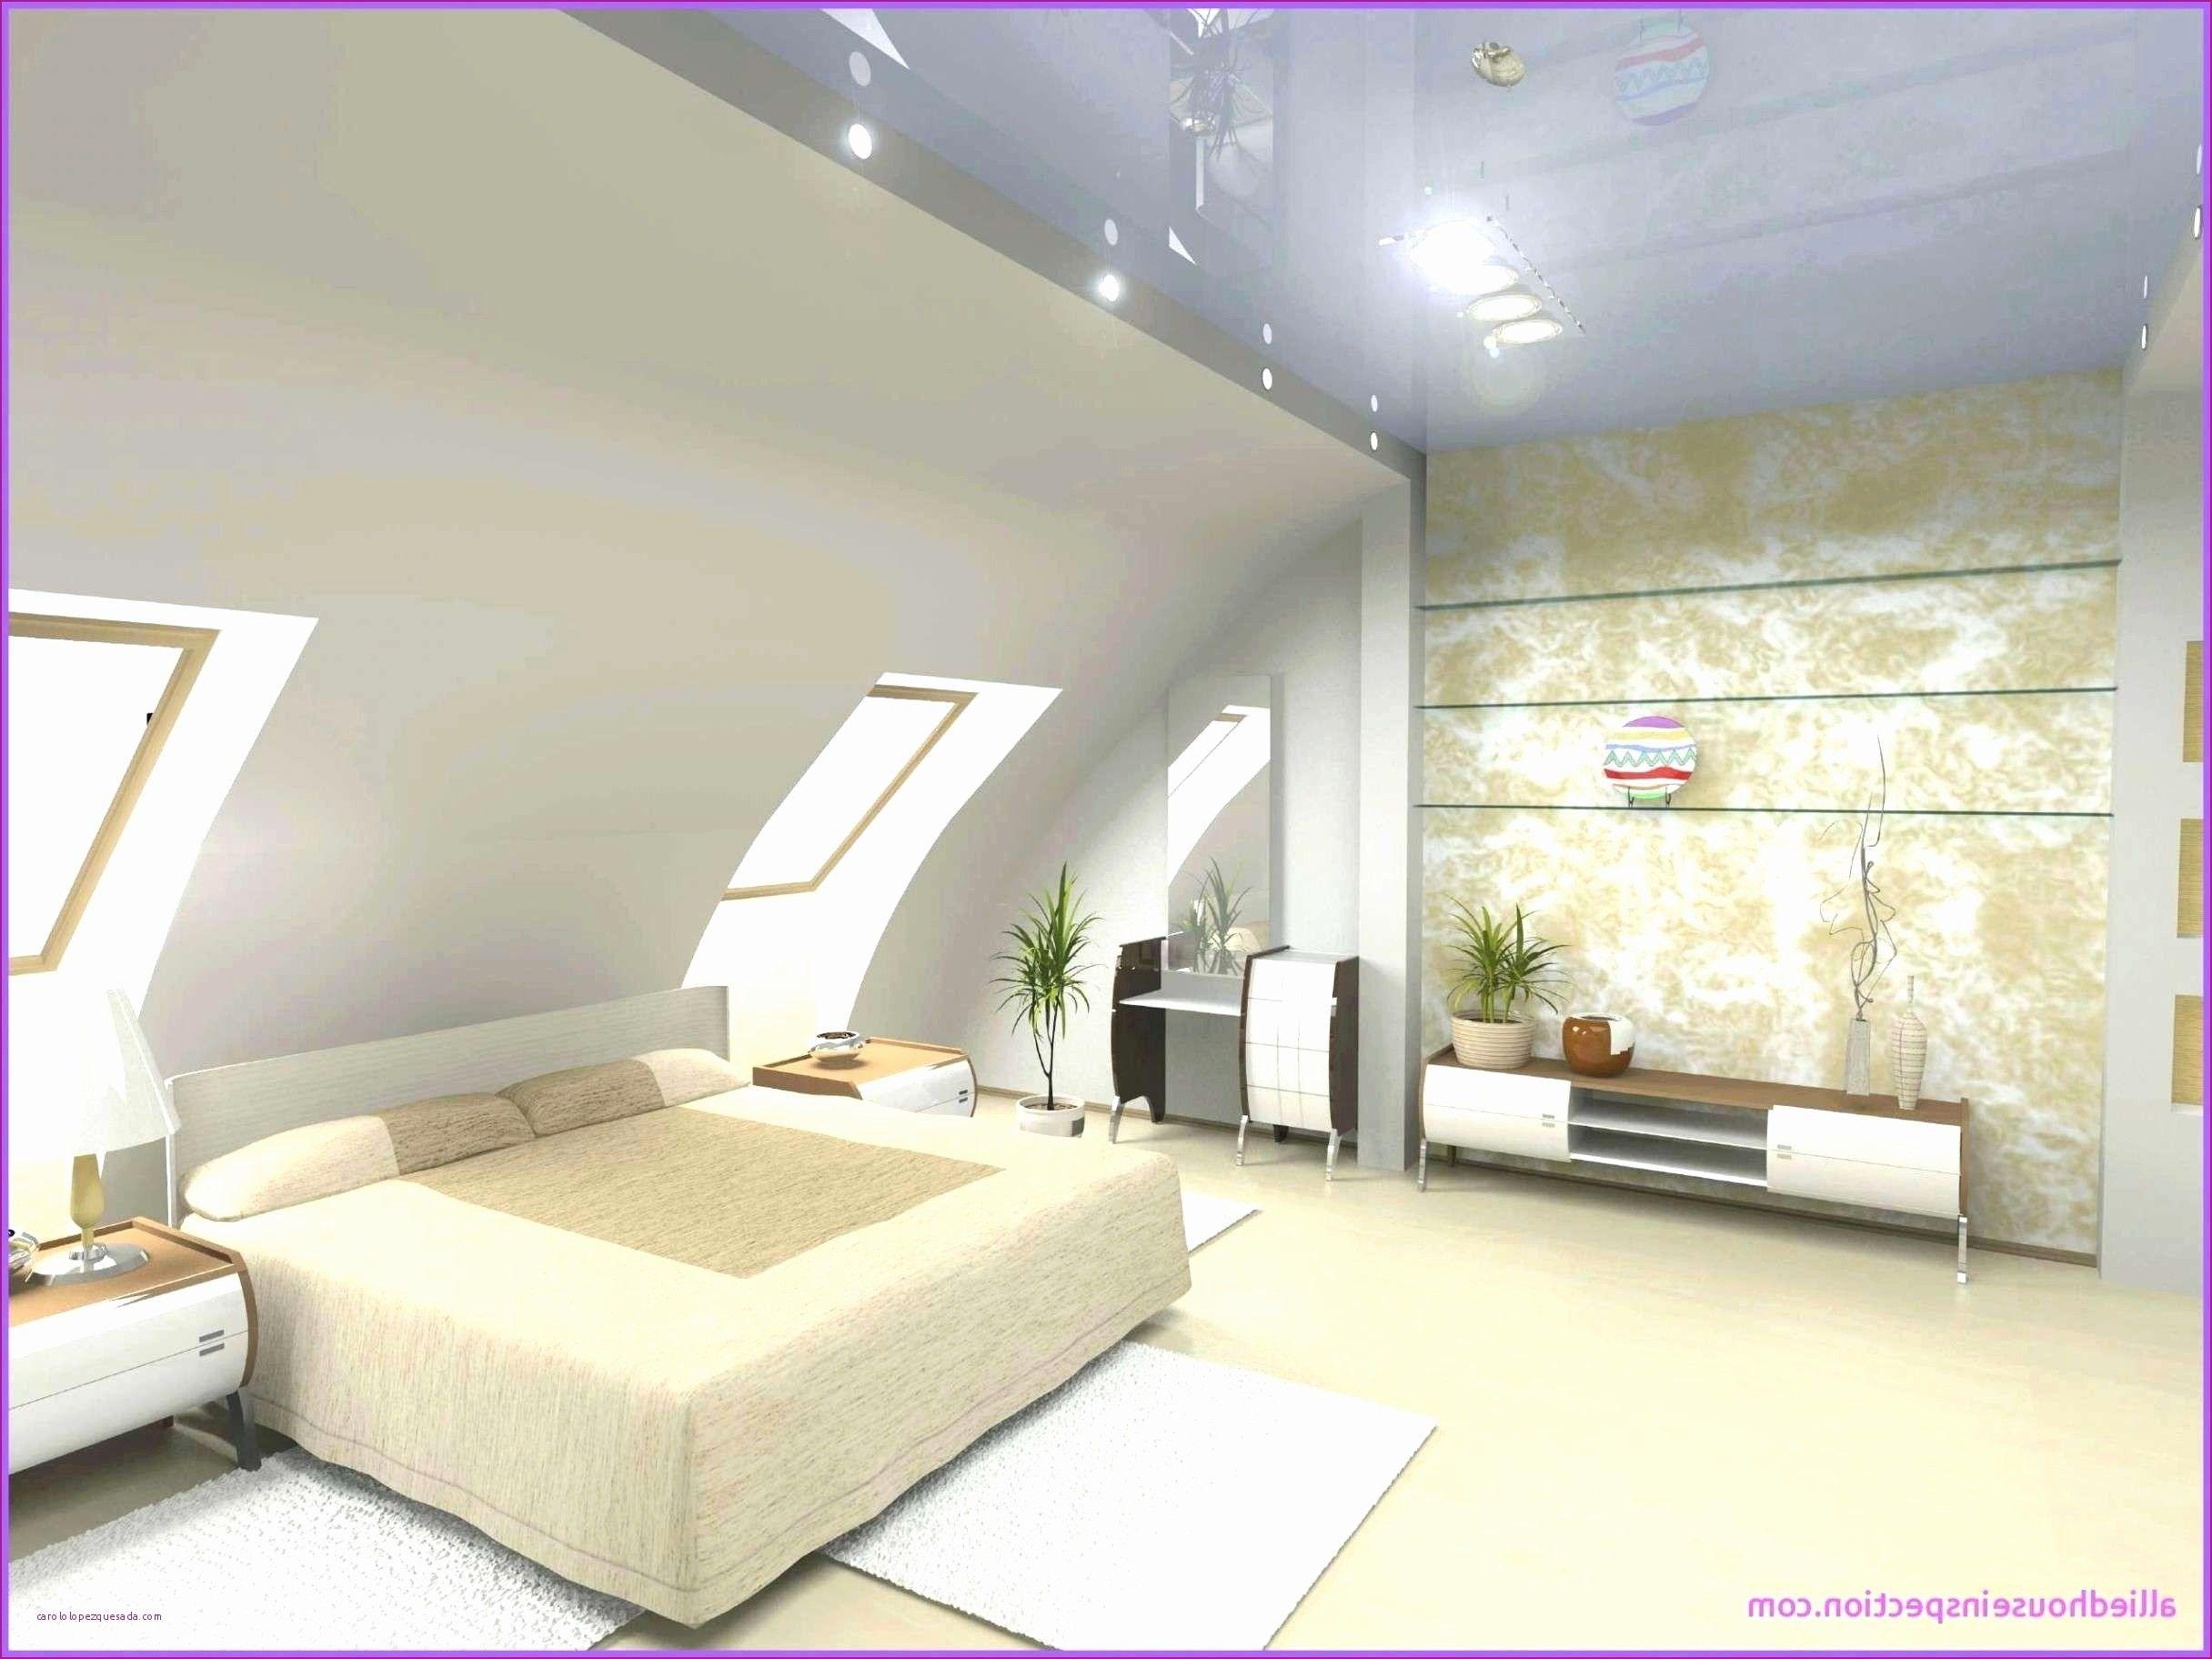 Wohnung Einrichten Konzept Single Wohnung Einrichten Perfect First